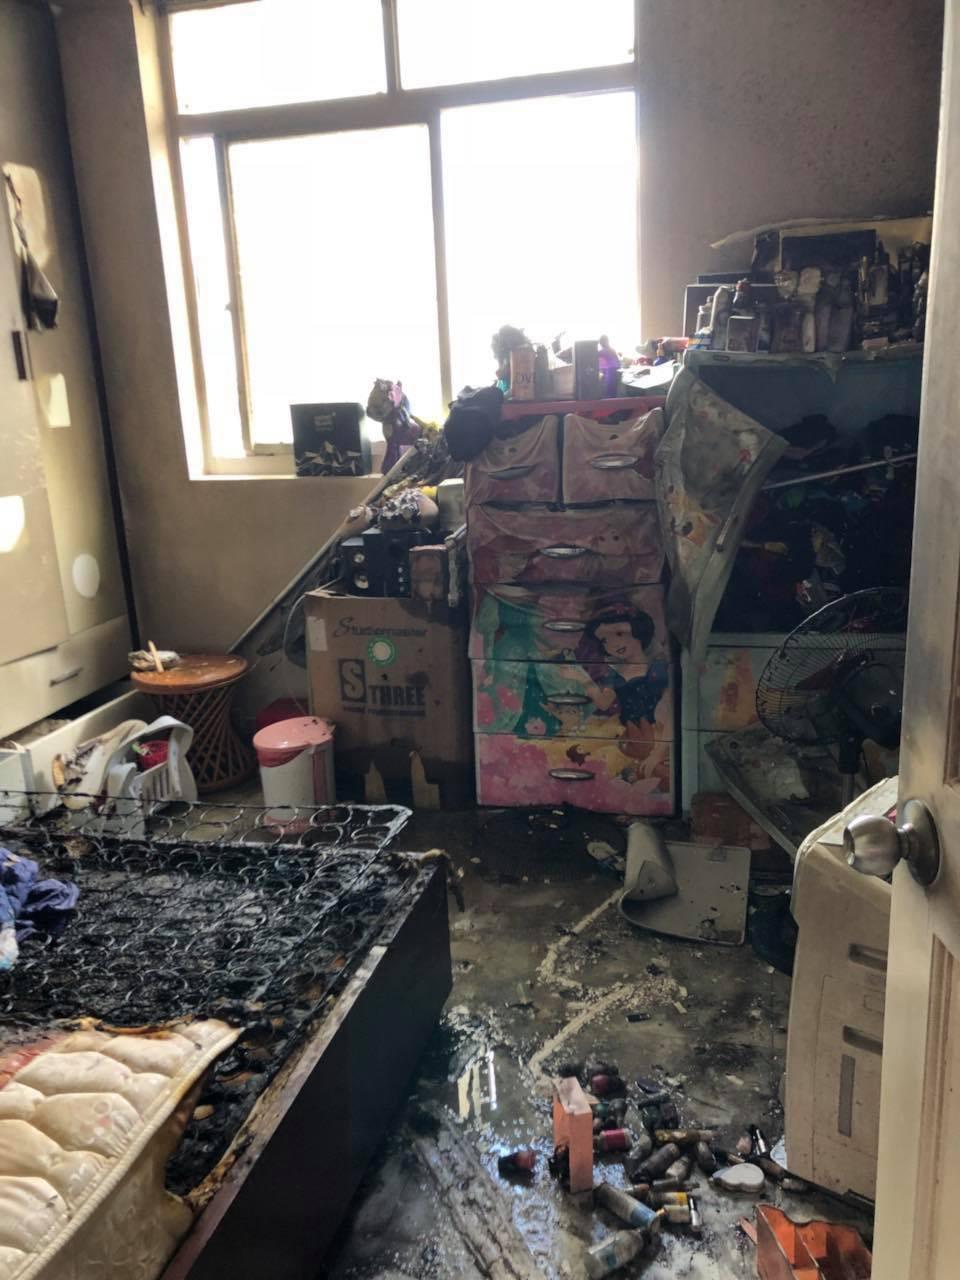 Căn hộ cao ốc bốc cháy dữ dội giữa Sài Gòn, đôi vợ chồng người nước ngoài tung cửa kêu cứu - Ảnh 1.